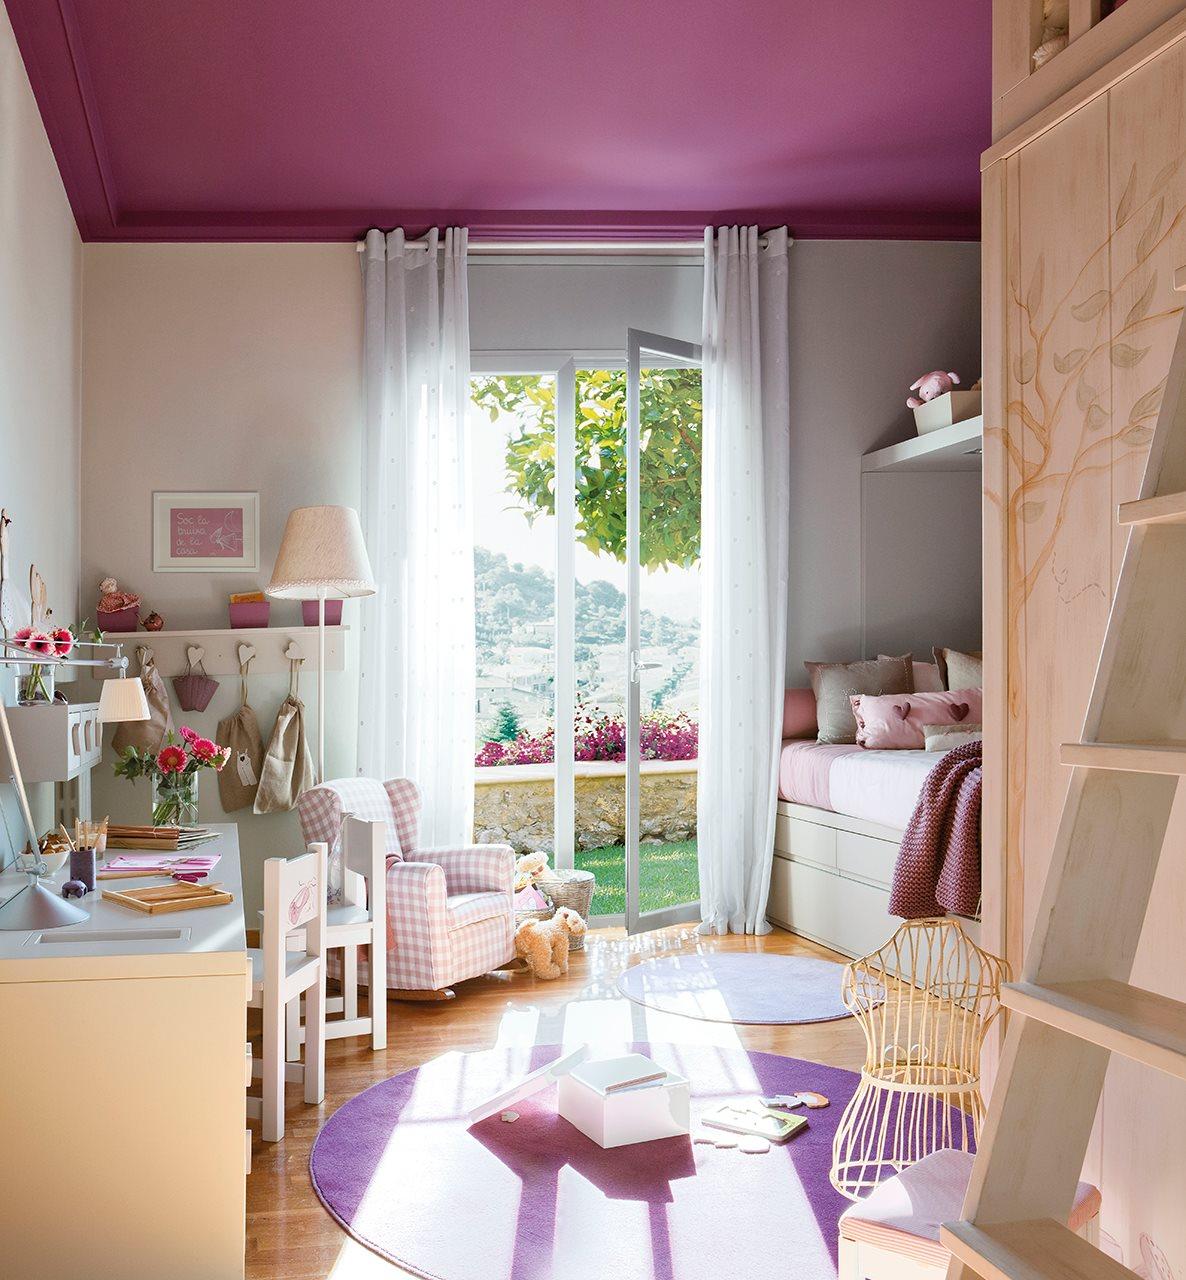 Pintura dormitorios simple with pintura dormitorios elegant pintr una habitacion juvenil xi - Top dormitorios ...